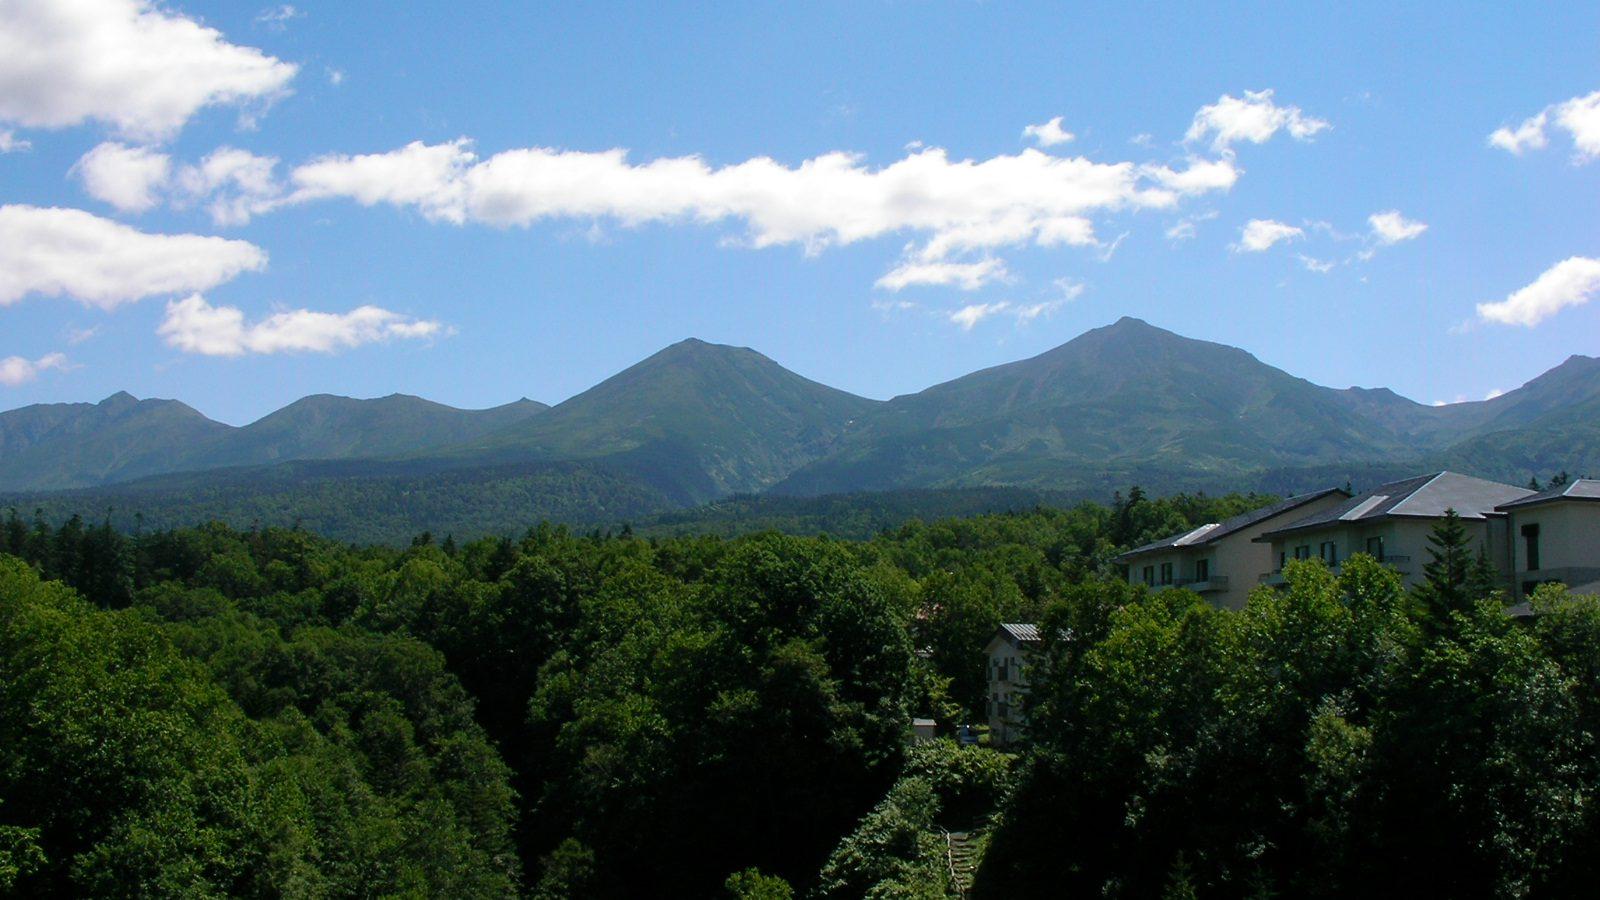 Biei Blue Pond and Shirogane Onsen